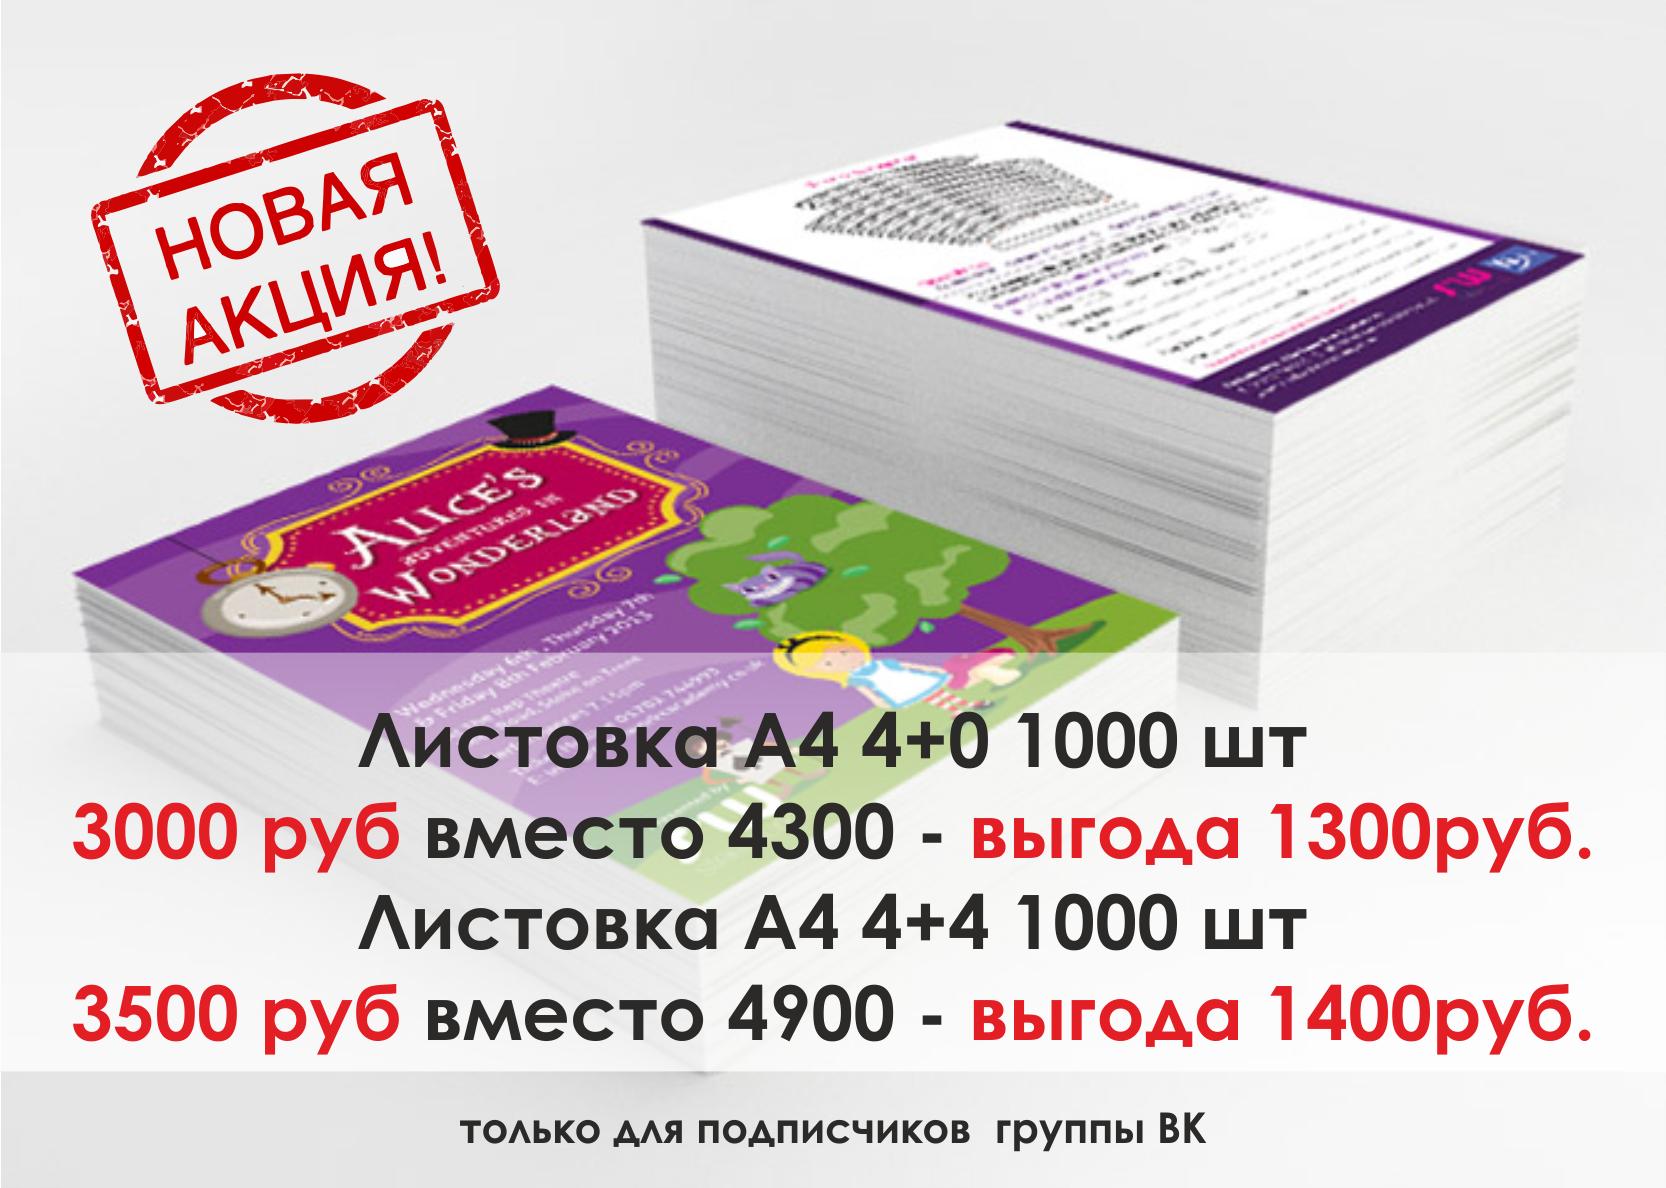 Для получения скидки необходимо быть подписчиком нашей группы. https://vk.com/club160350908  Заходи, подписывайся и получай самые низкие цена в городе Воронеже.